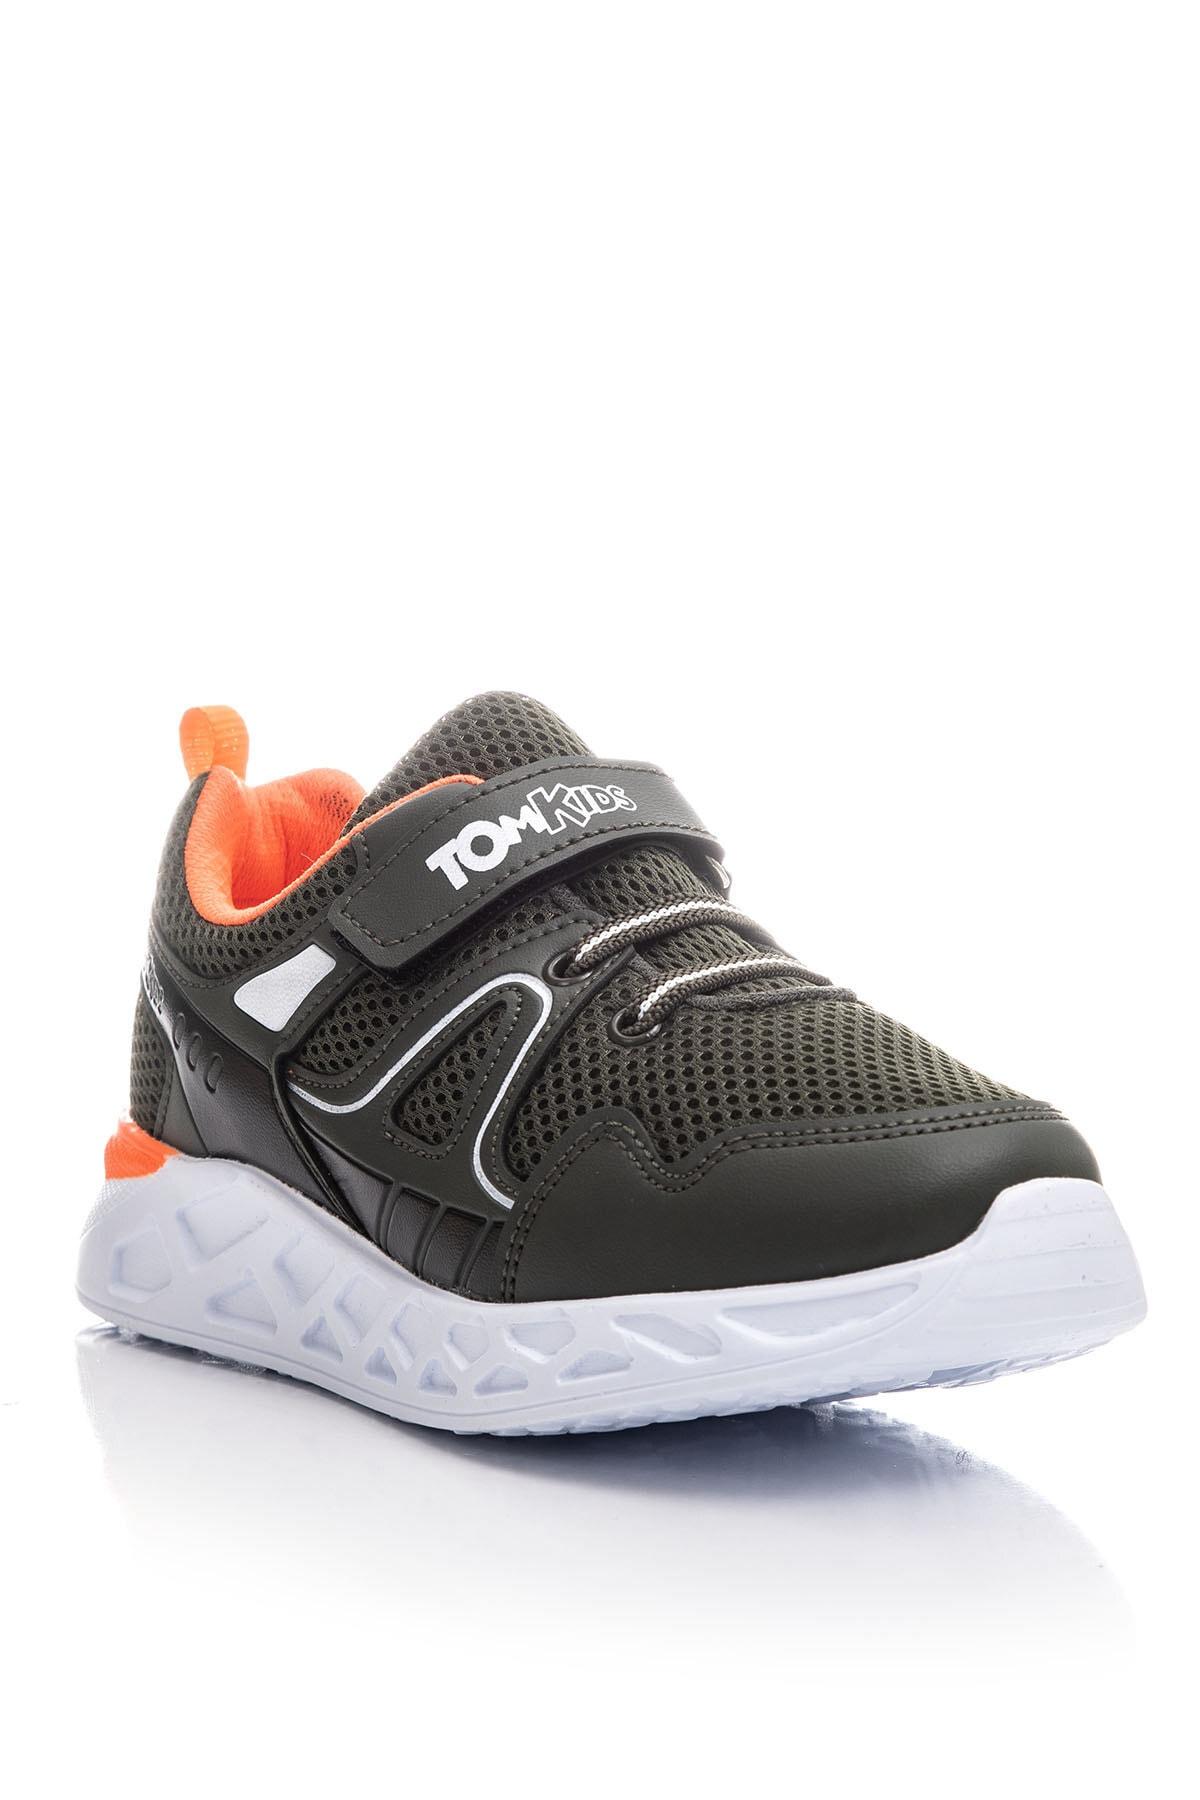 Tonny Black Erkek Çocuk Haki Spor Ayakkabı TB3401-3 1